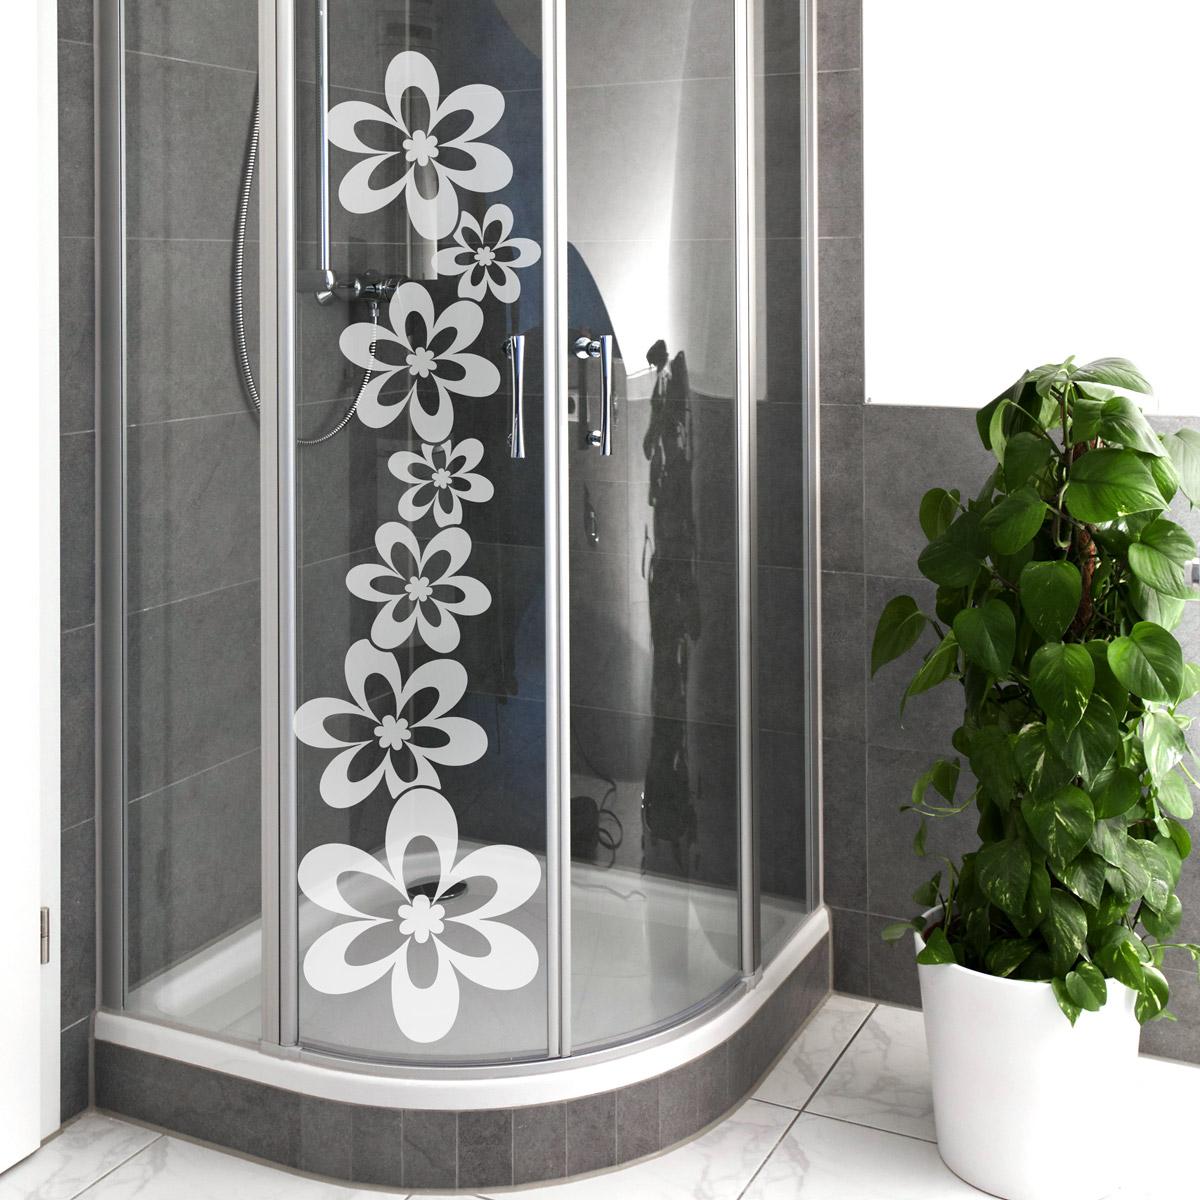 Sticker porte de douche alignement de fleurs stickers for Stickers porte de douche